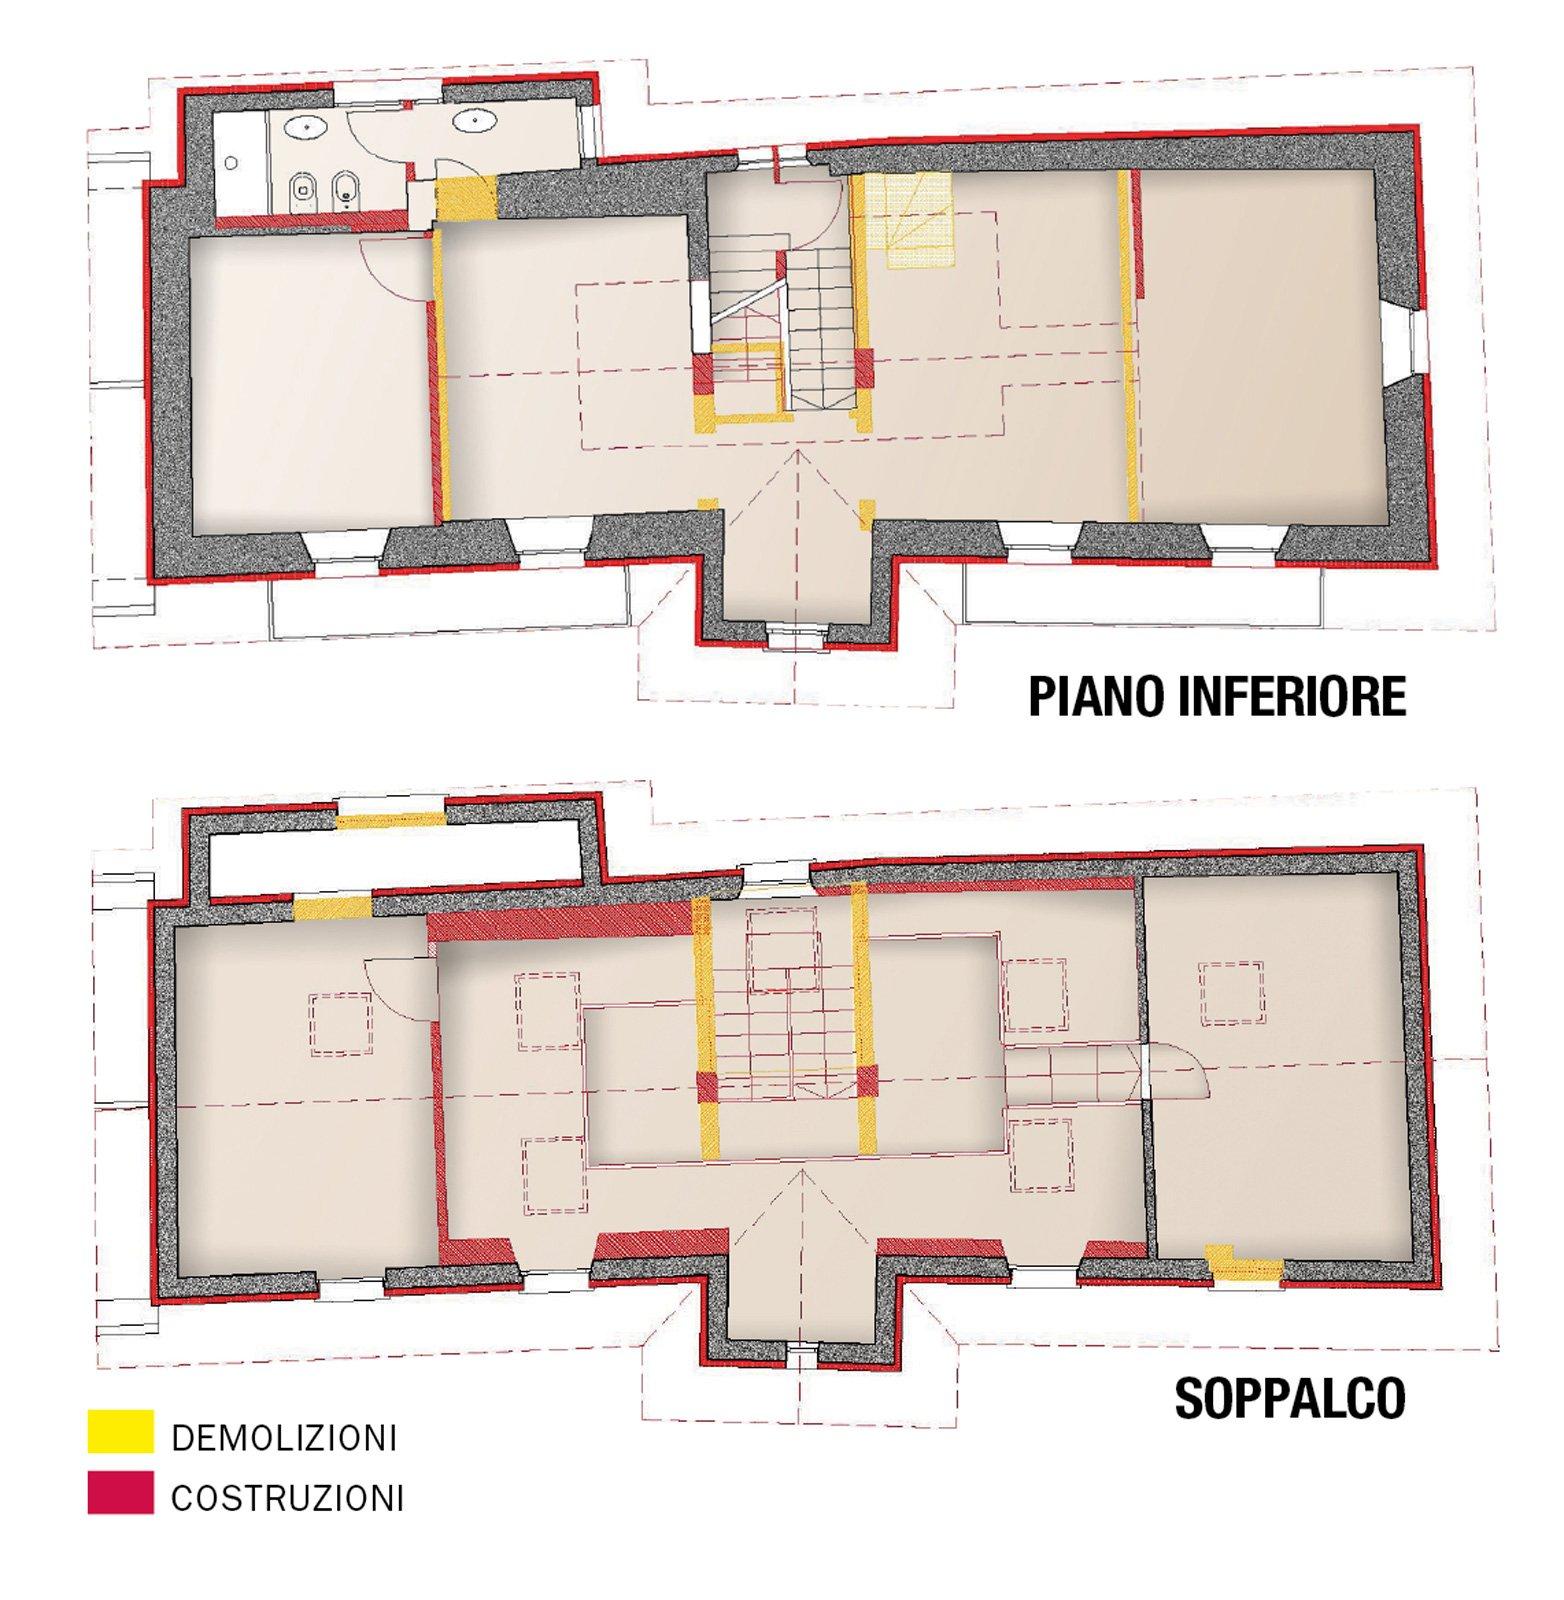 Progetto casa 100 mq un piano simple costo per mq uac iva - Costo costruzione casa al mq ...